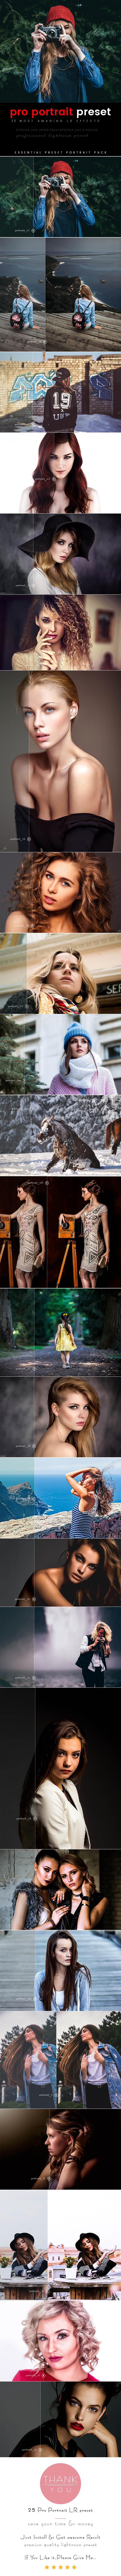 25 Pro Portrait Preset - Portrait Lightroom Presets